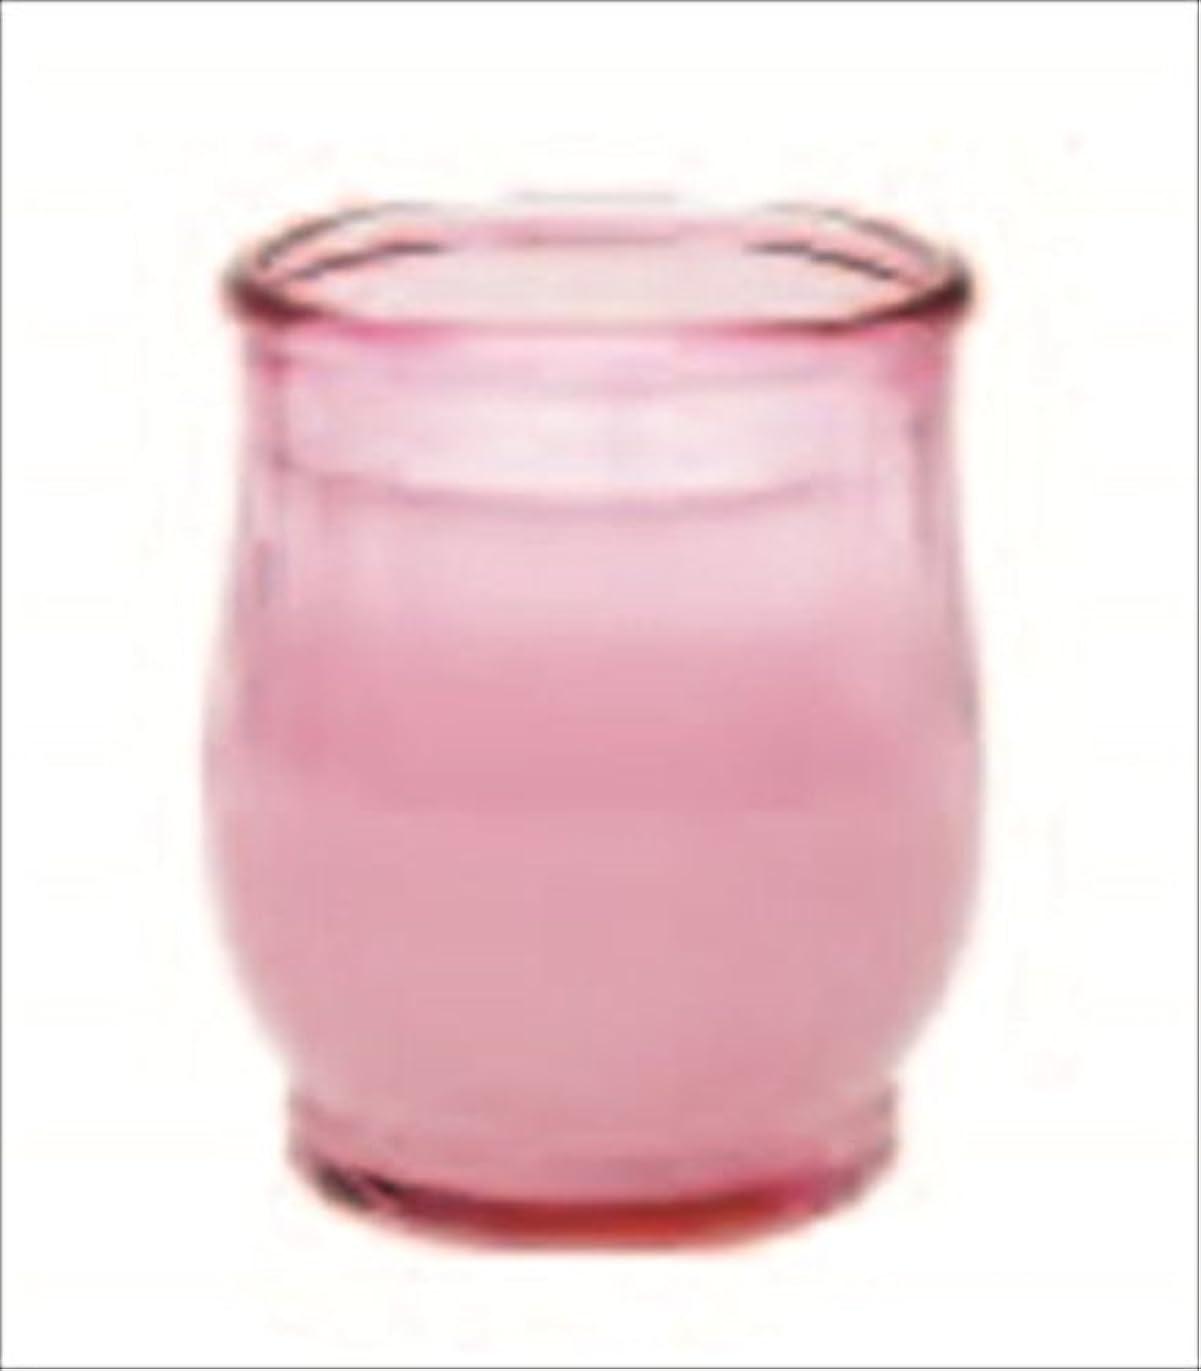 苦スタウト永久kameyama candle(カメヤマキャンドル) ポシェ 「 ピンク 」(73020040P)